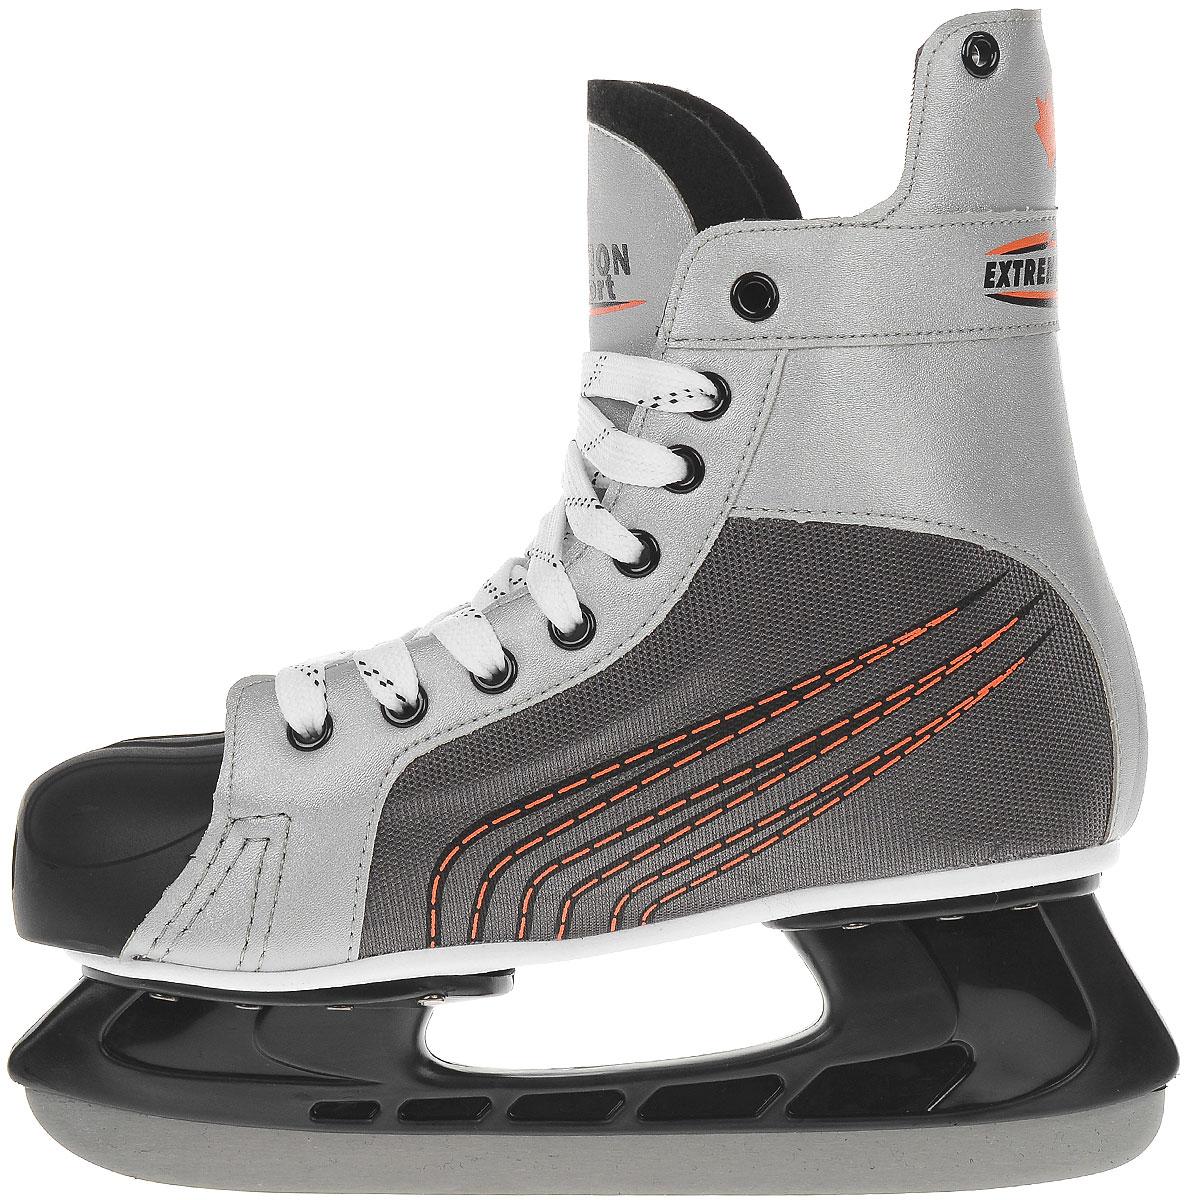 Хоккейные коньки торговой марки Action предназначены для игры в хоккей с шайбой или в хоккей с мячом. Наружная конструкция конька выполнена из нейлона и поливинилхлорида. Непокрытый, не требующий ухода мыс из пластика. Стойка лезвия - пластик.Удобный суппорт голеностопа. Лезвие изготовлено из нержавеющей стали со специальным покрытием, придающим дополнительную прочность.